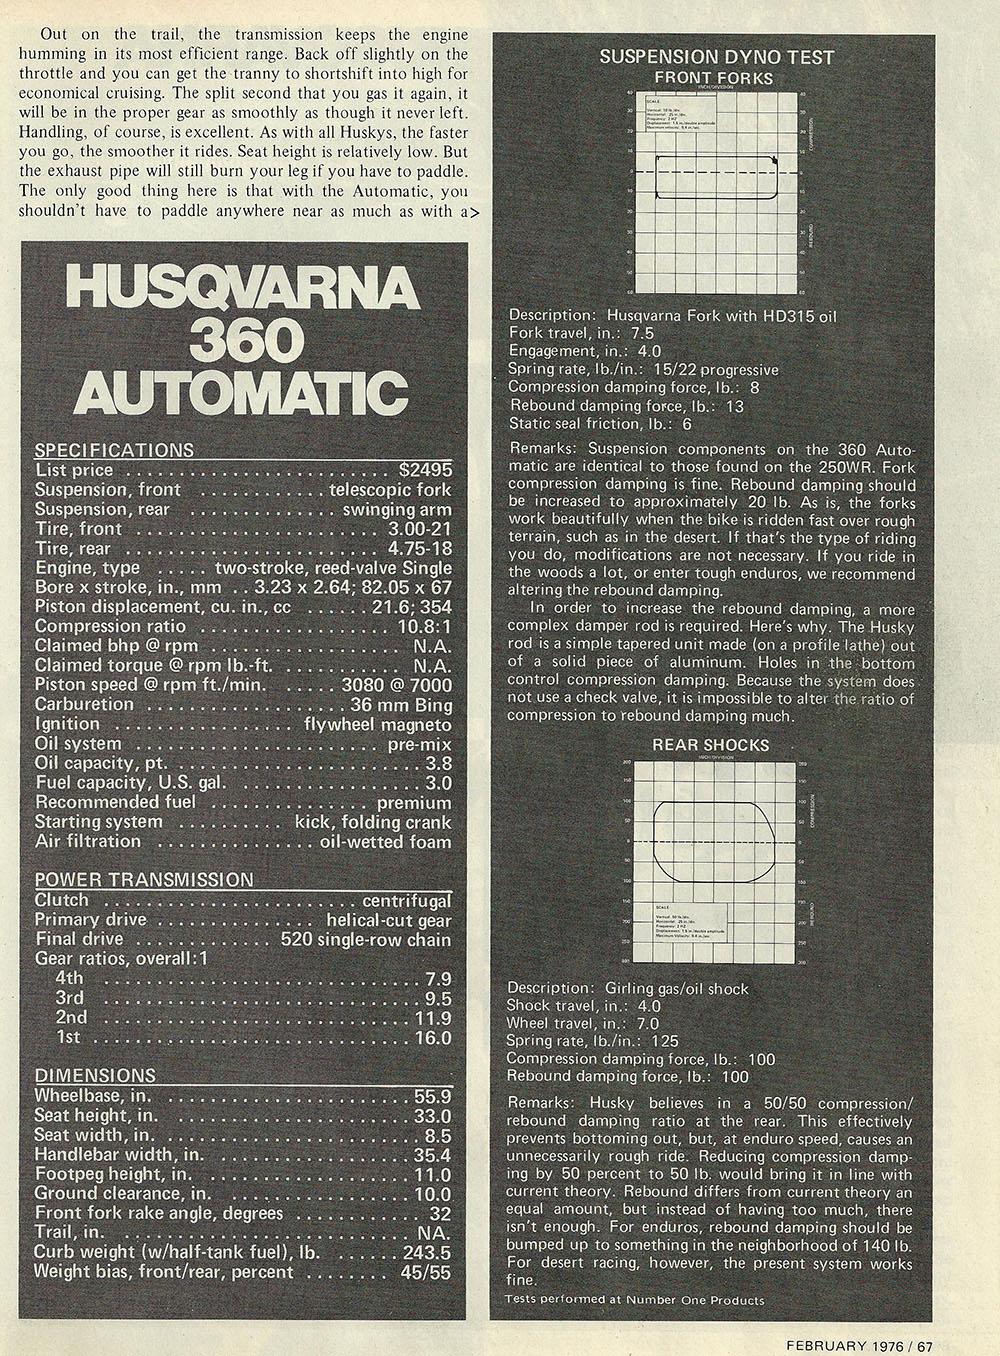 1976 Husqvarna 360 Auto road test 06.jpg